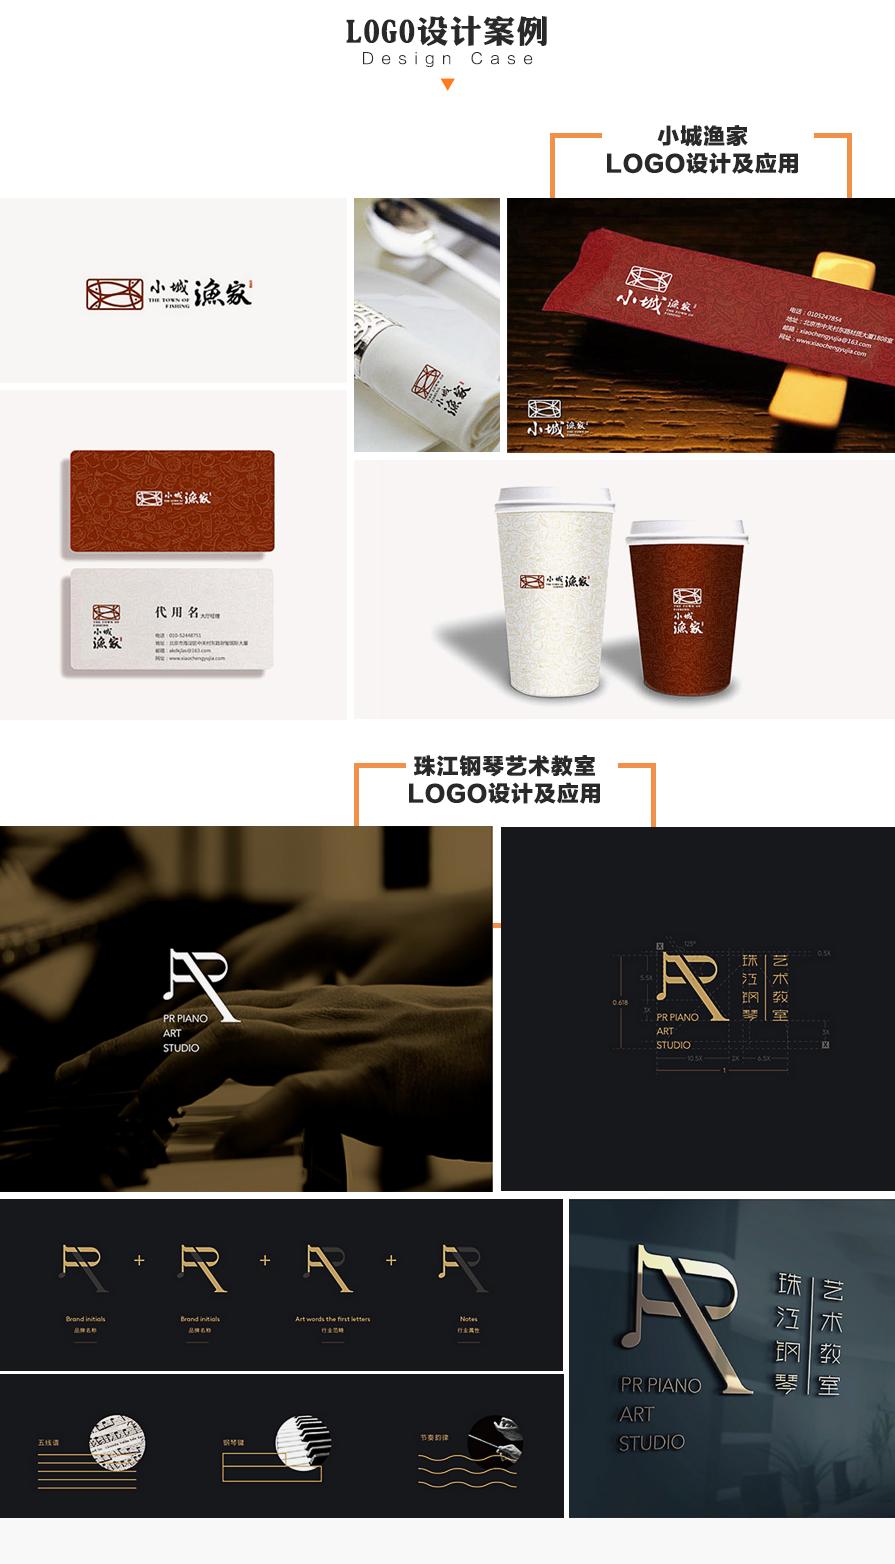 产品规划_「逗点创意」LOGO设计 标志设计 医疗/银行/酒店/物流4